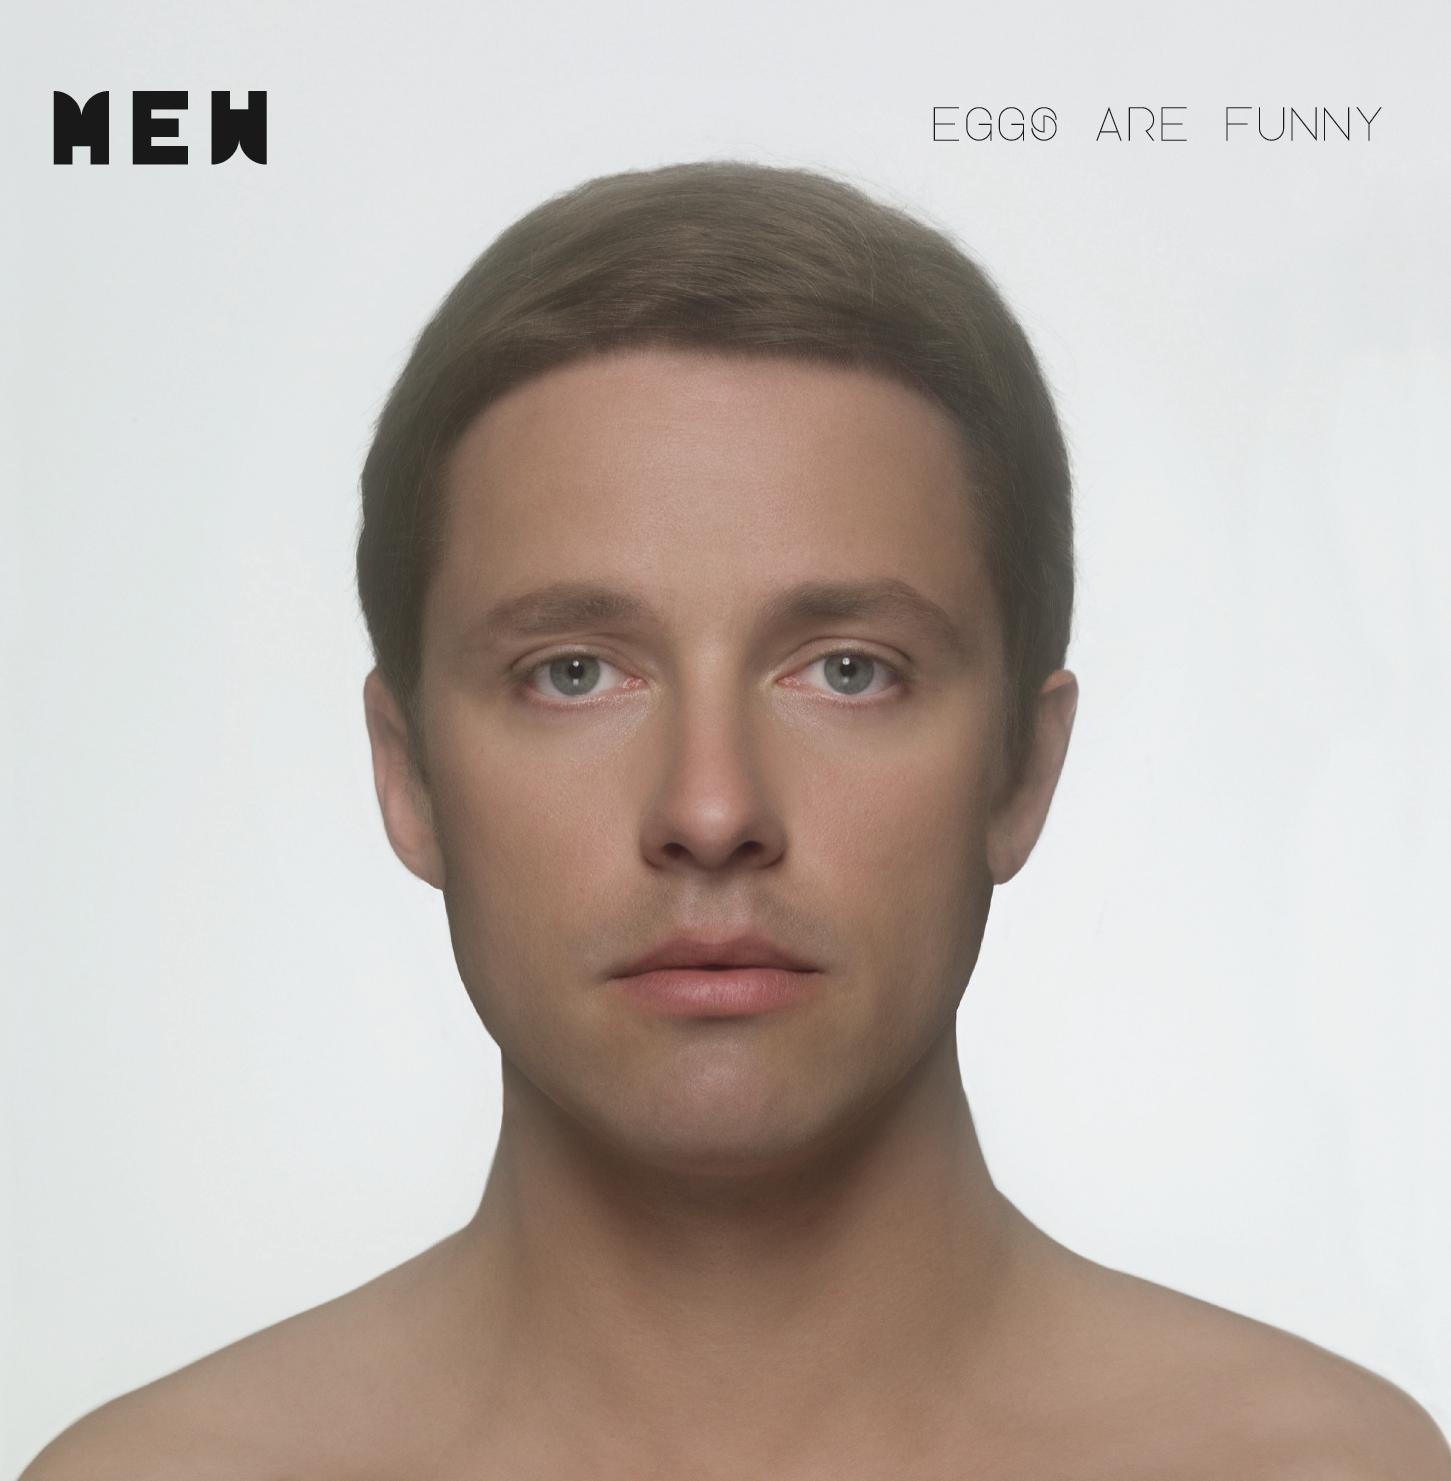 드림팝 밴드 Mew - 베스트 컬렉션 Eggs Are Funny